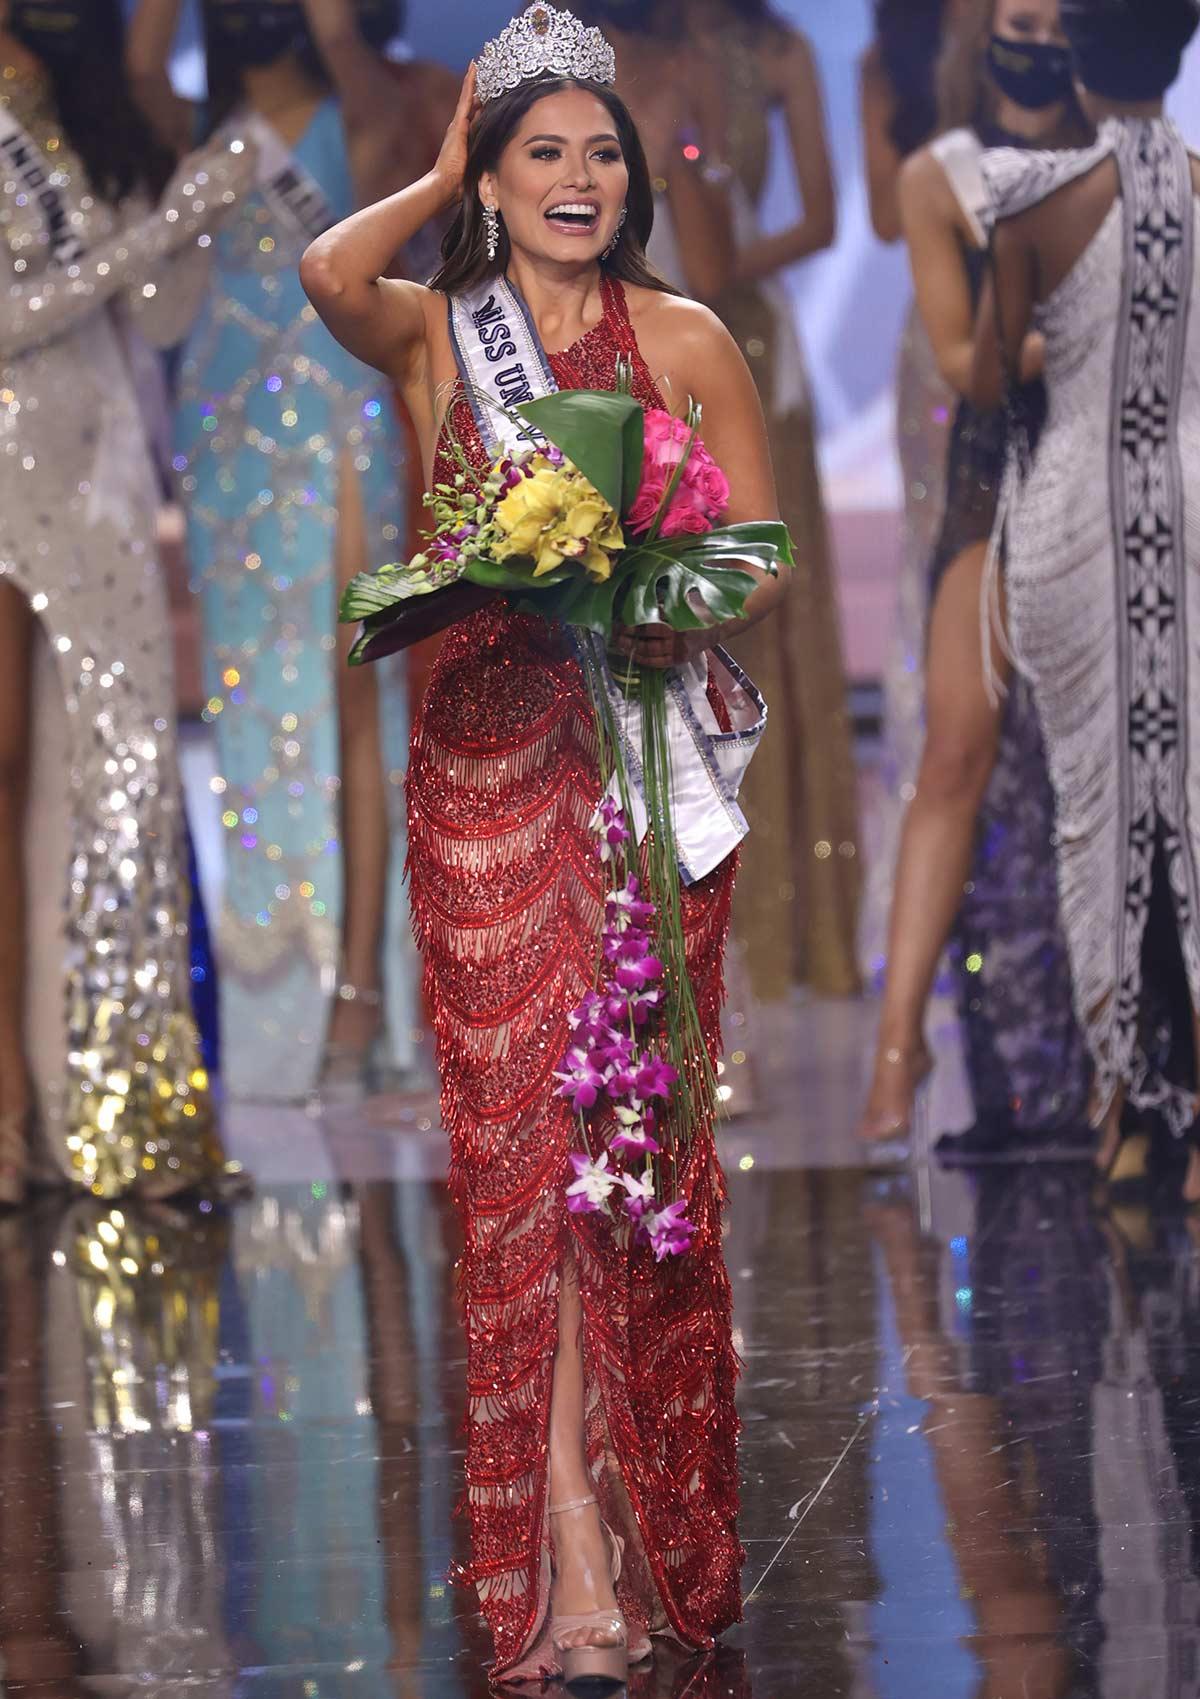 """""""En Miss Universo no hay patriarcado, al contrario"""", dice Andrea Meza - Revista Cosmopolitan 1"""